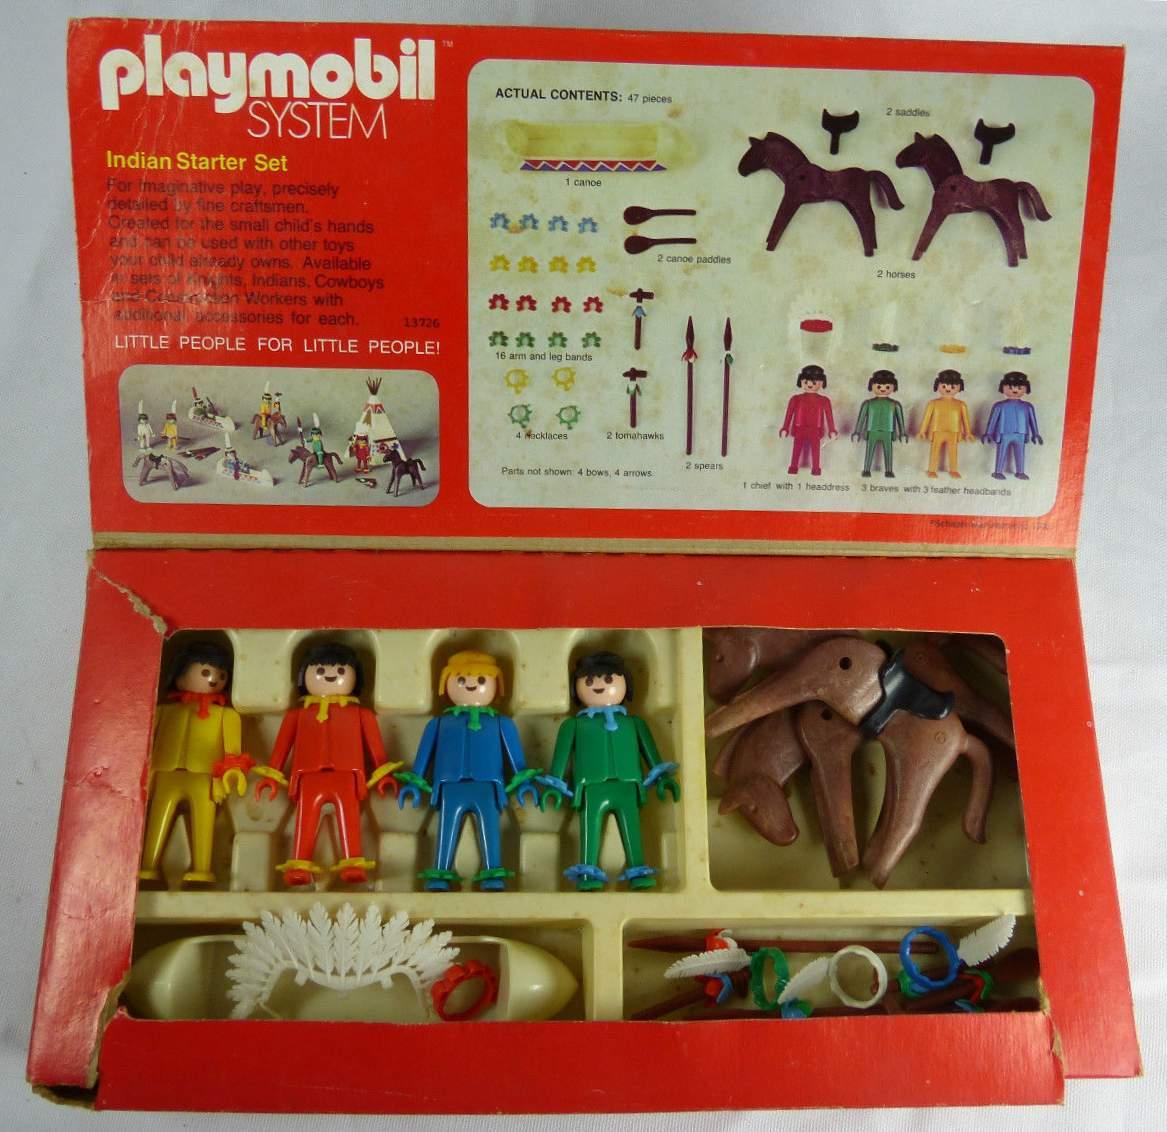 Playmobil 026-sch - Indian Starter Set - Back